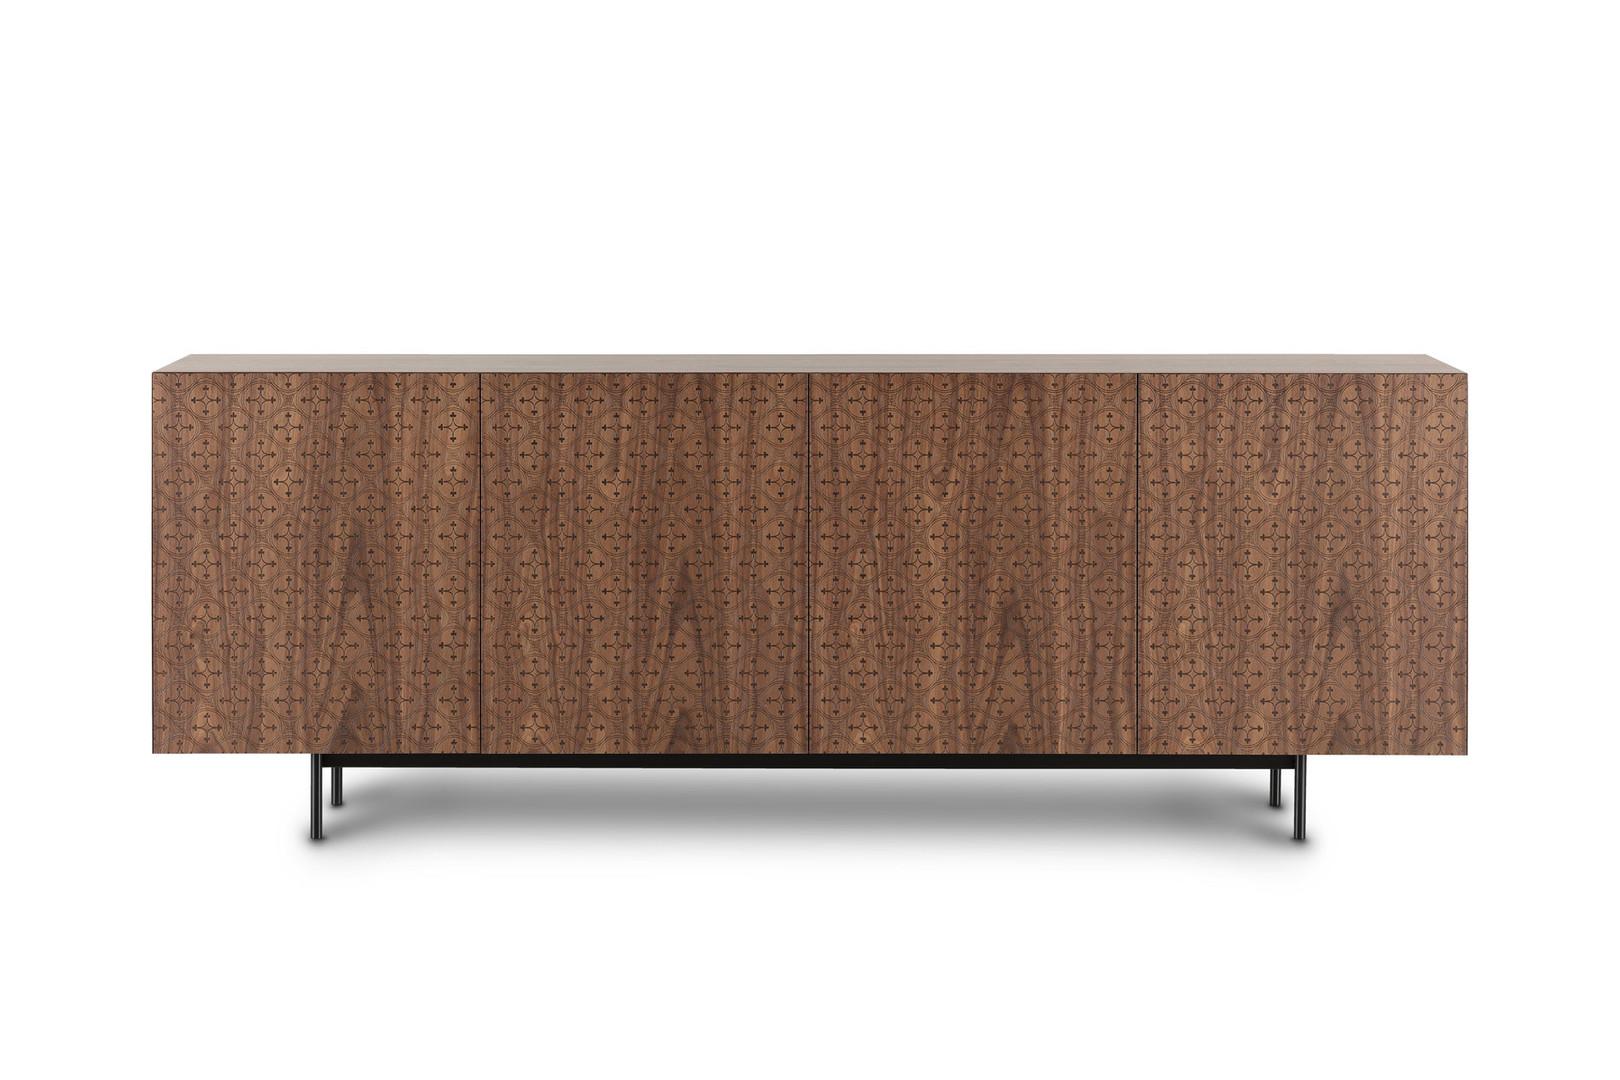 Madia, Mobile TV, credenza di design e moderna decorata. Madia in Noce Canaletto naturale con tagli a 45 gradi. Mobile artigianale Barba design